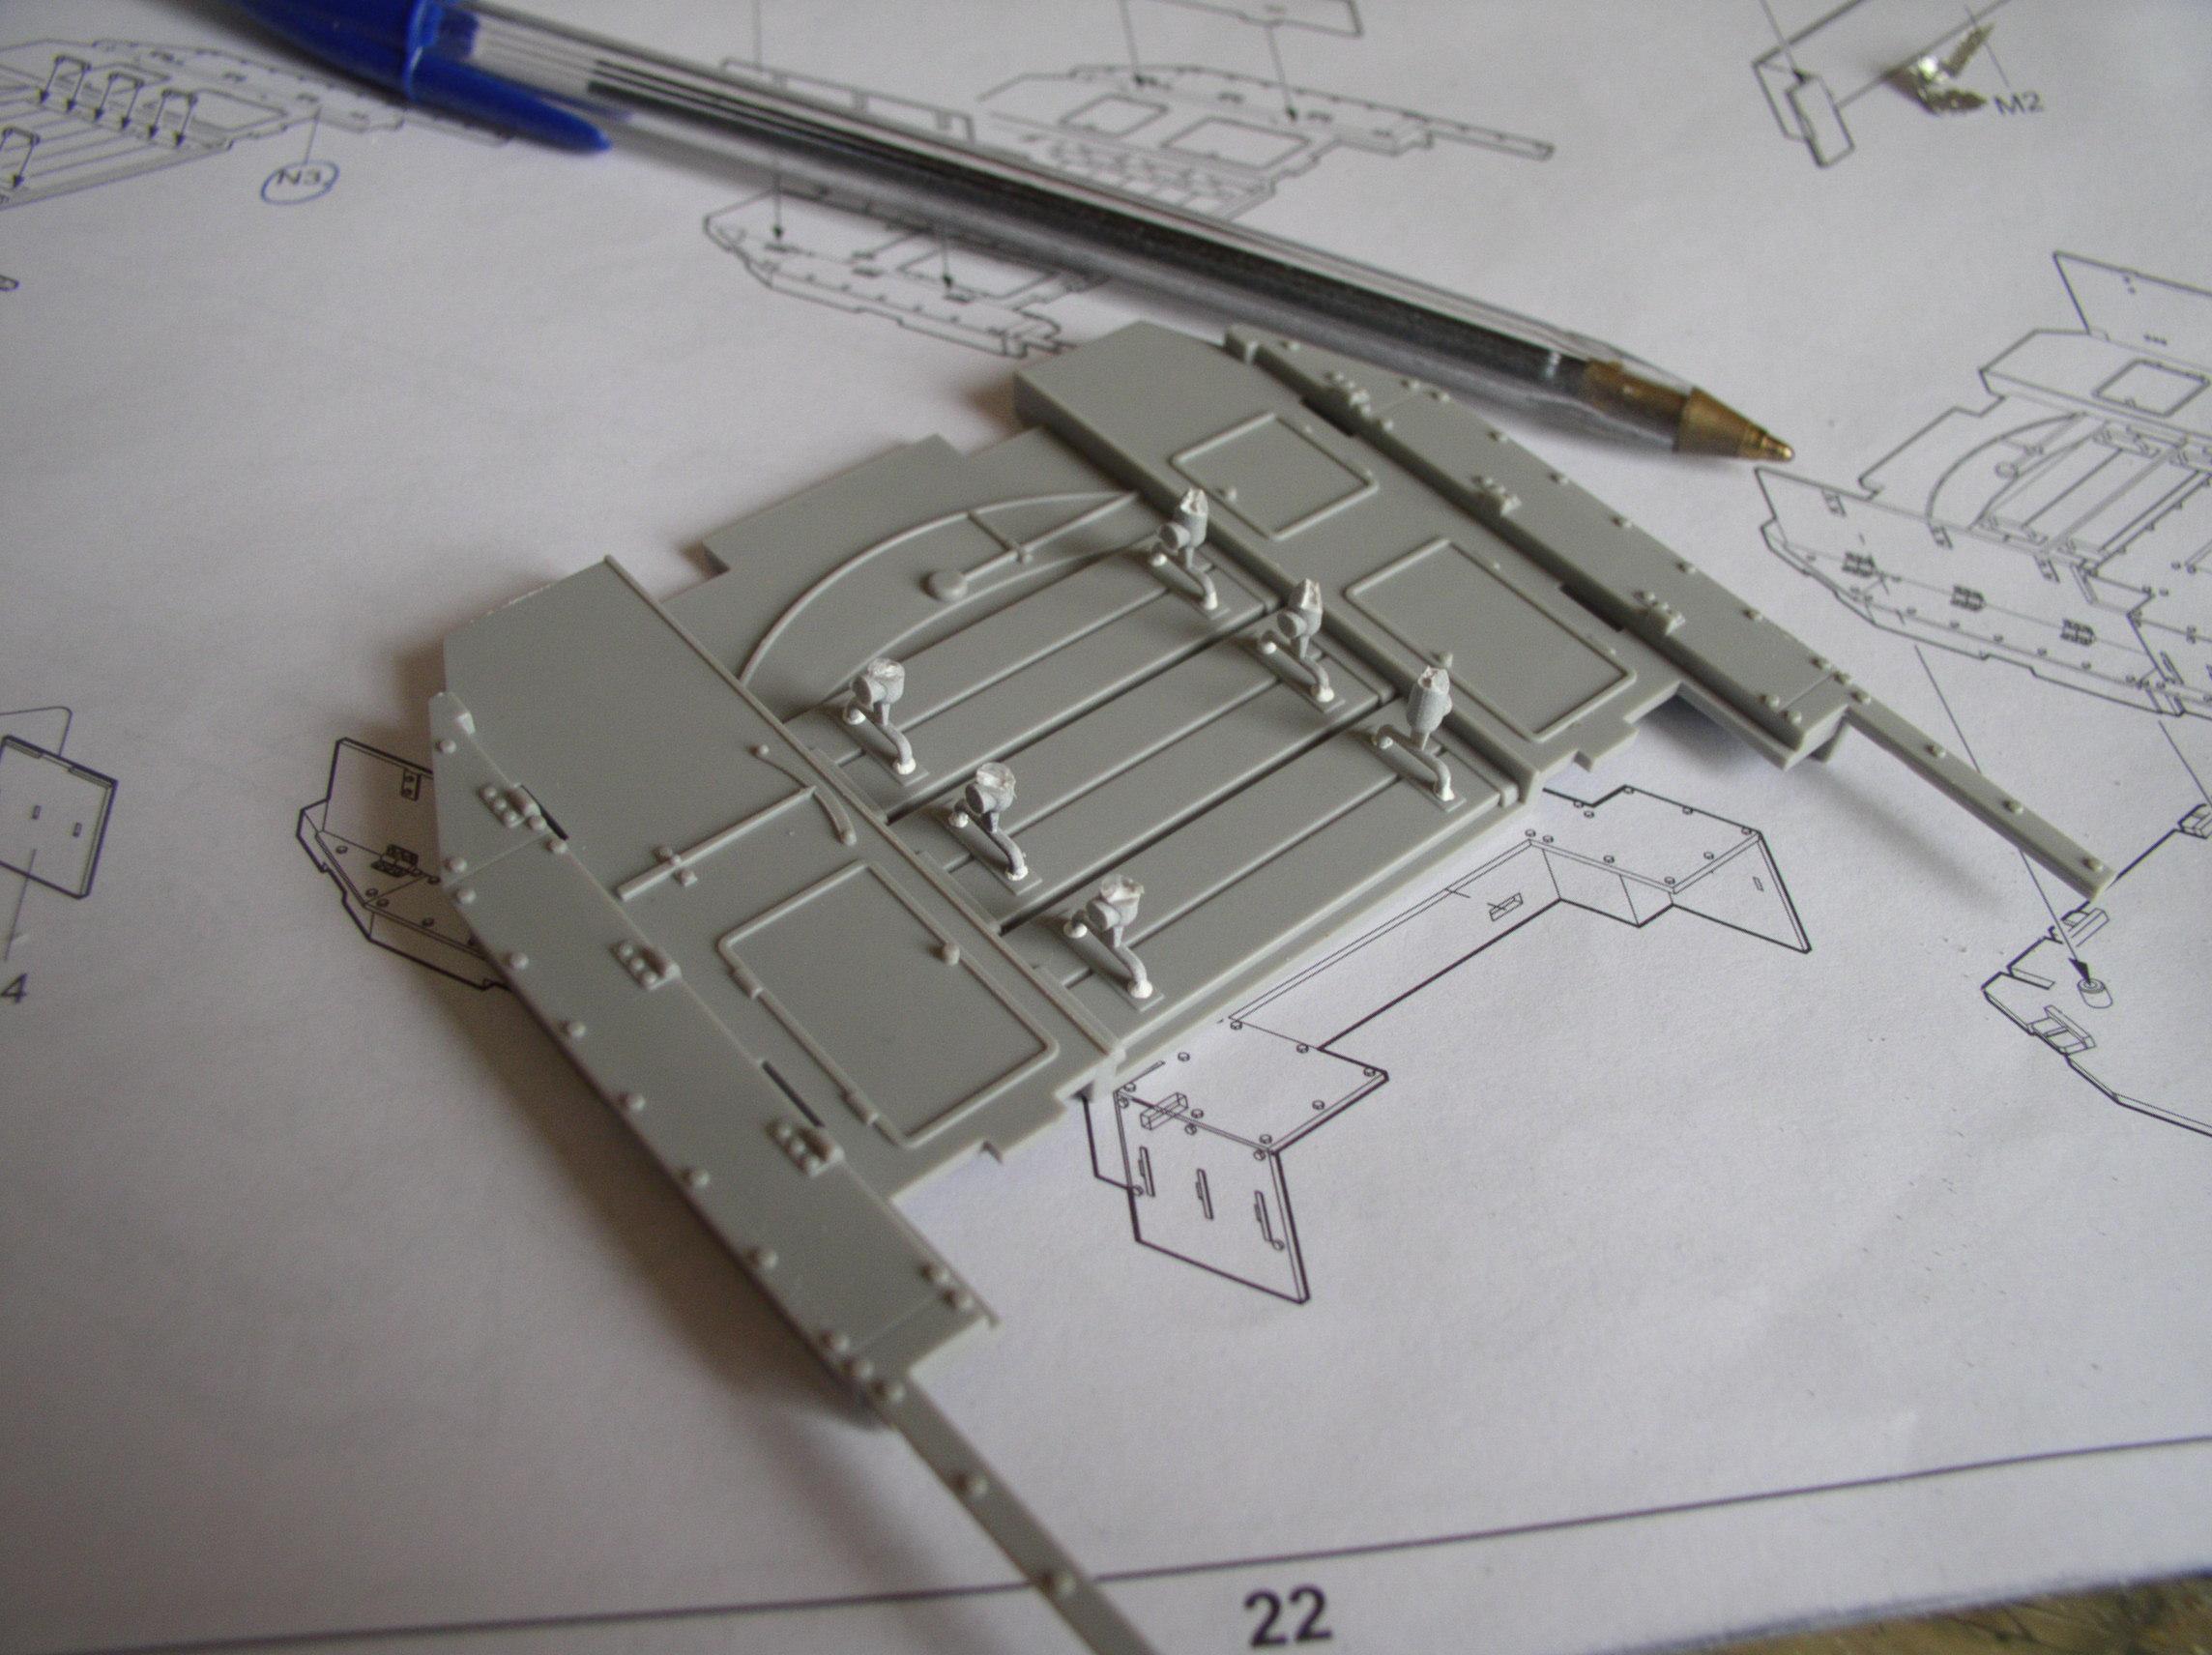 peinture - (Thunderbird) BR 57 Baureihe Panzerlok (Peinture en cours)  - Page 2 108hv